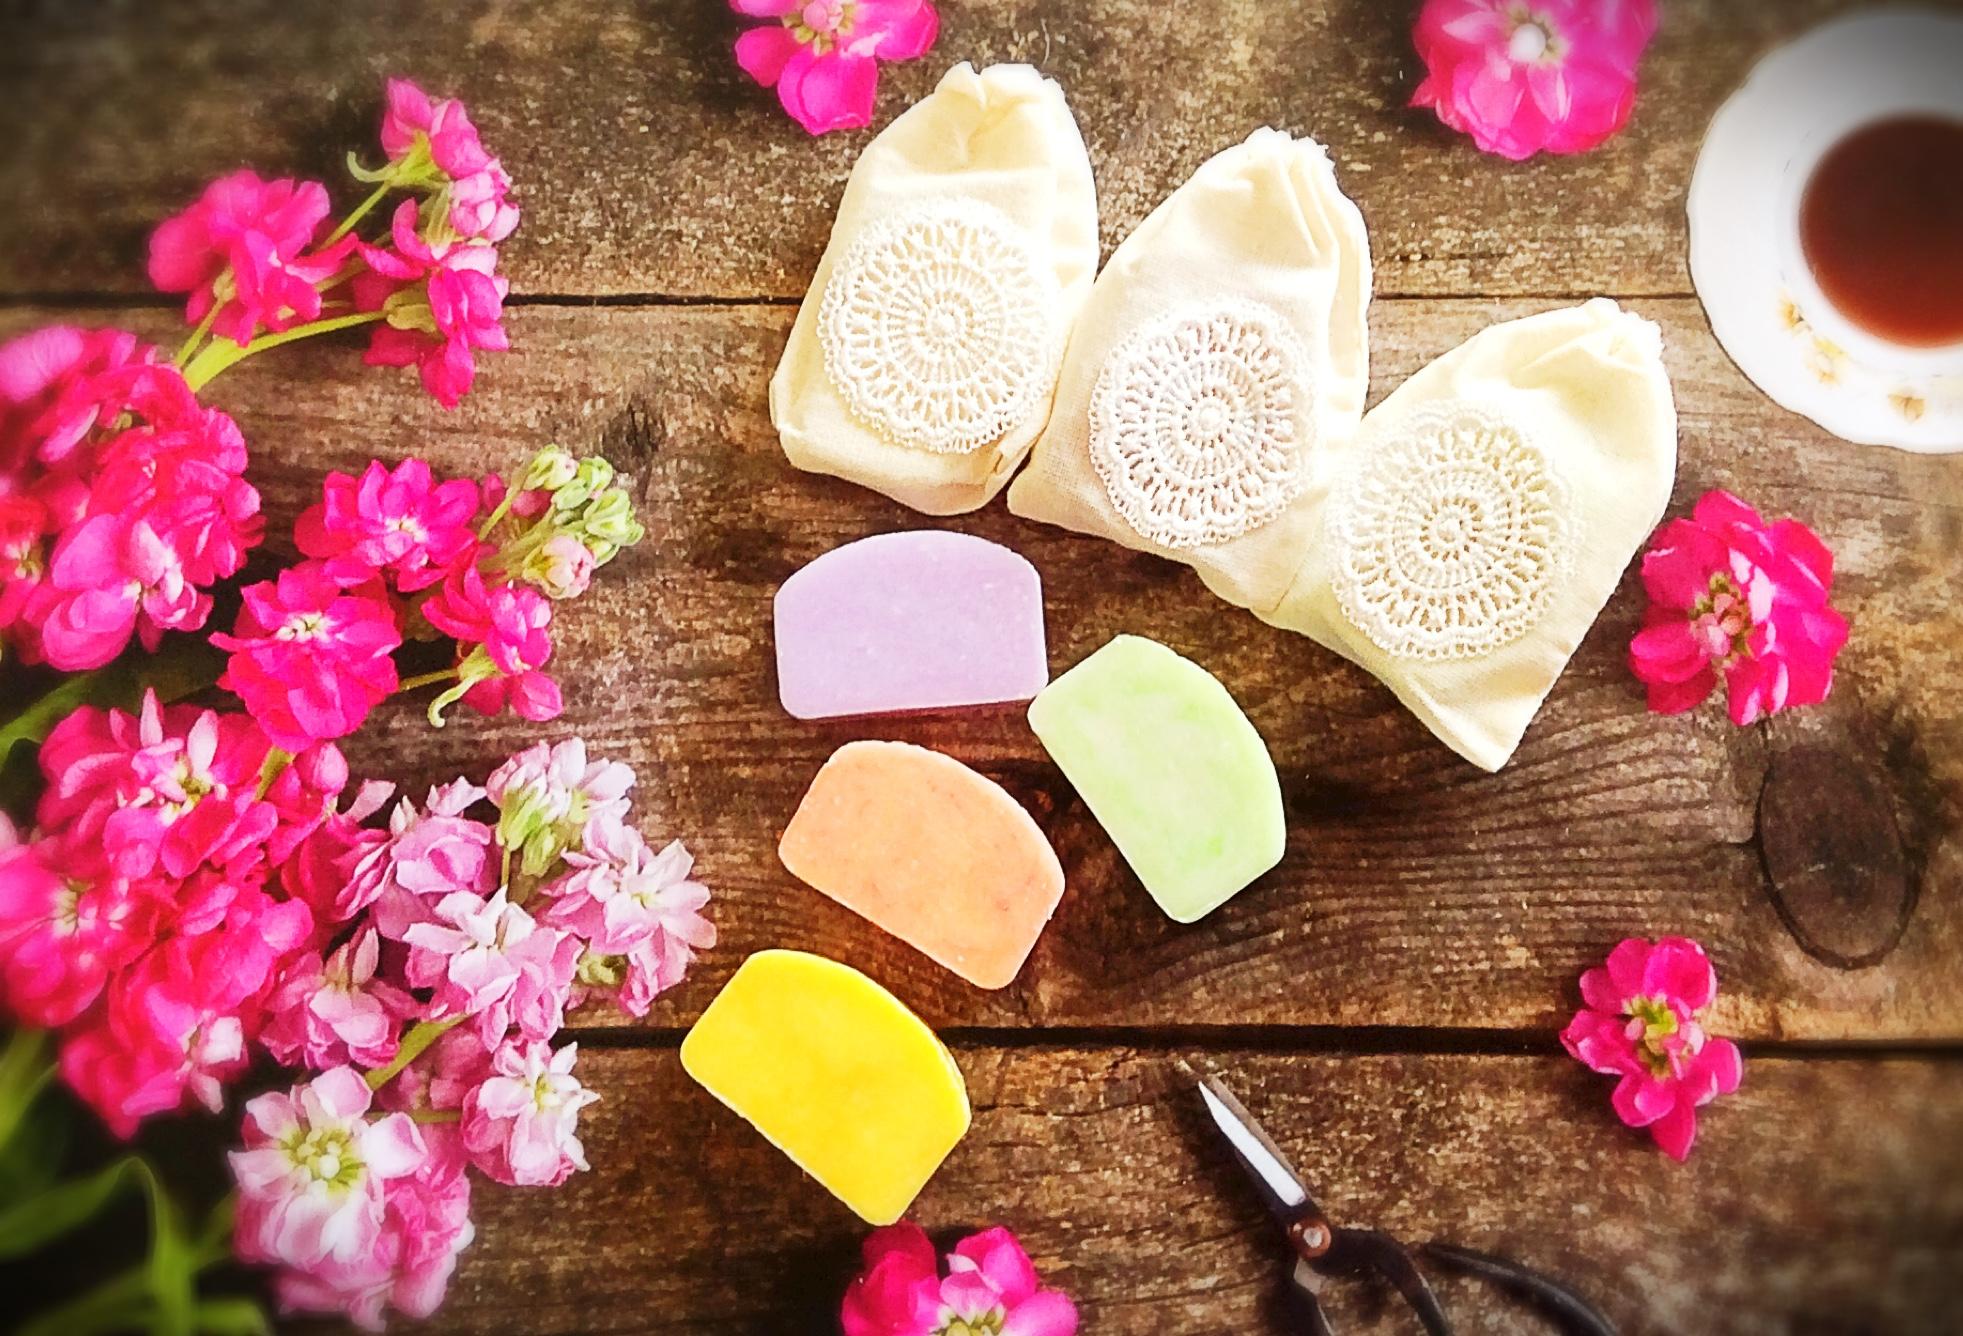 1-mini-soap-in-cotton-bag.jpg